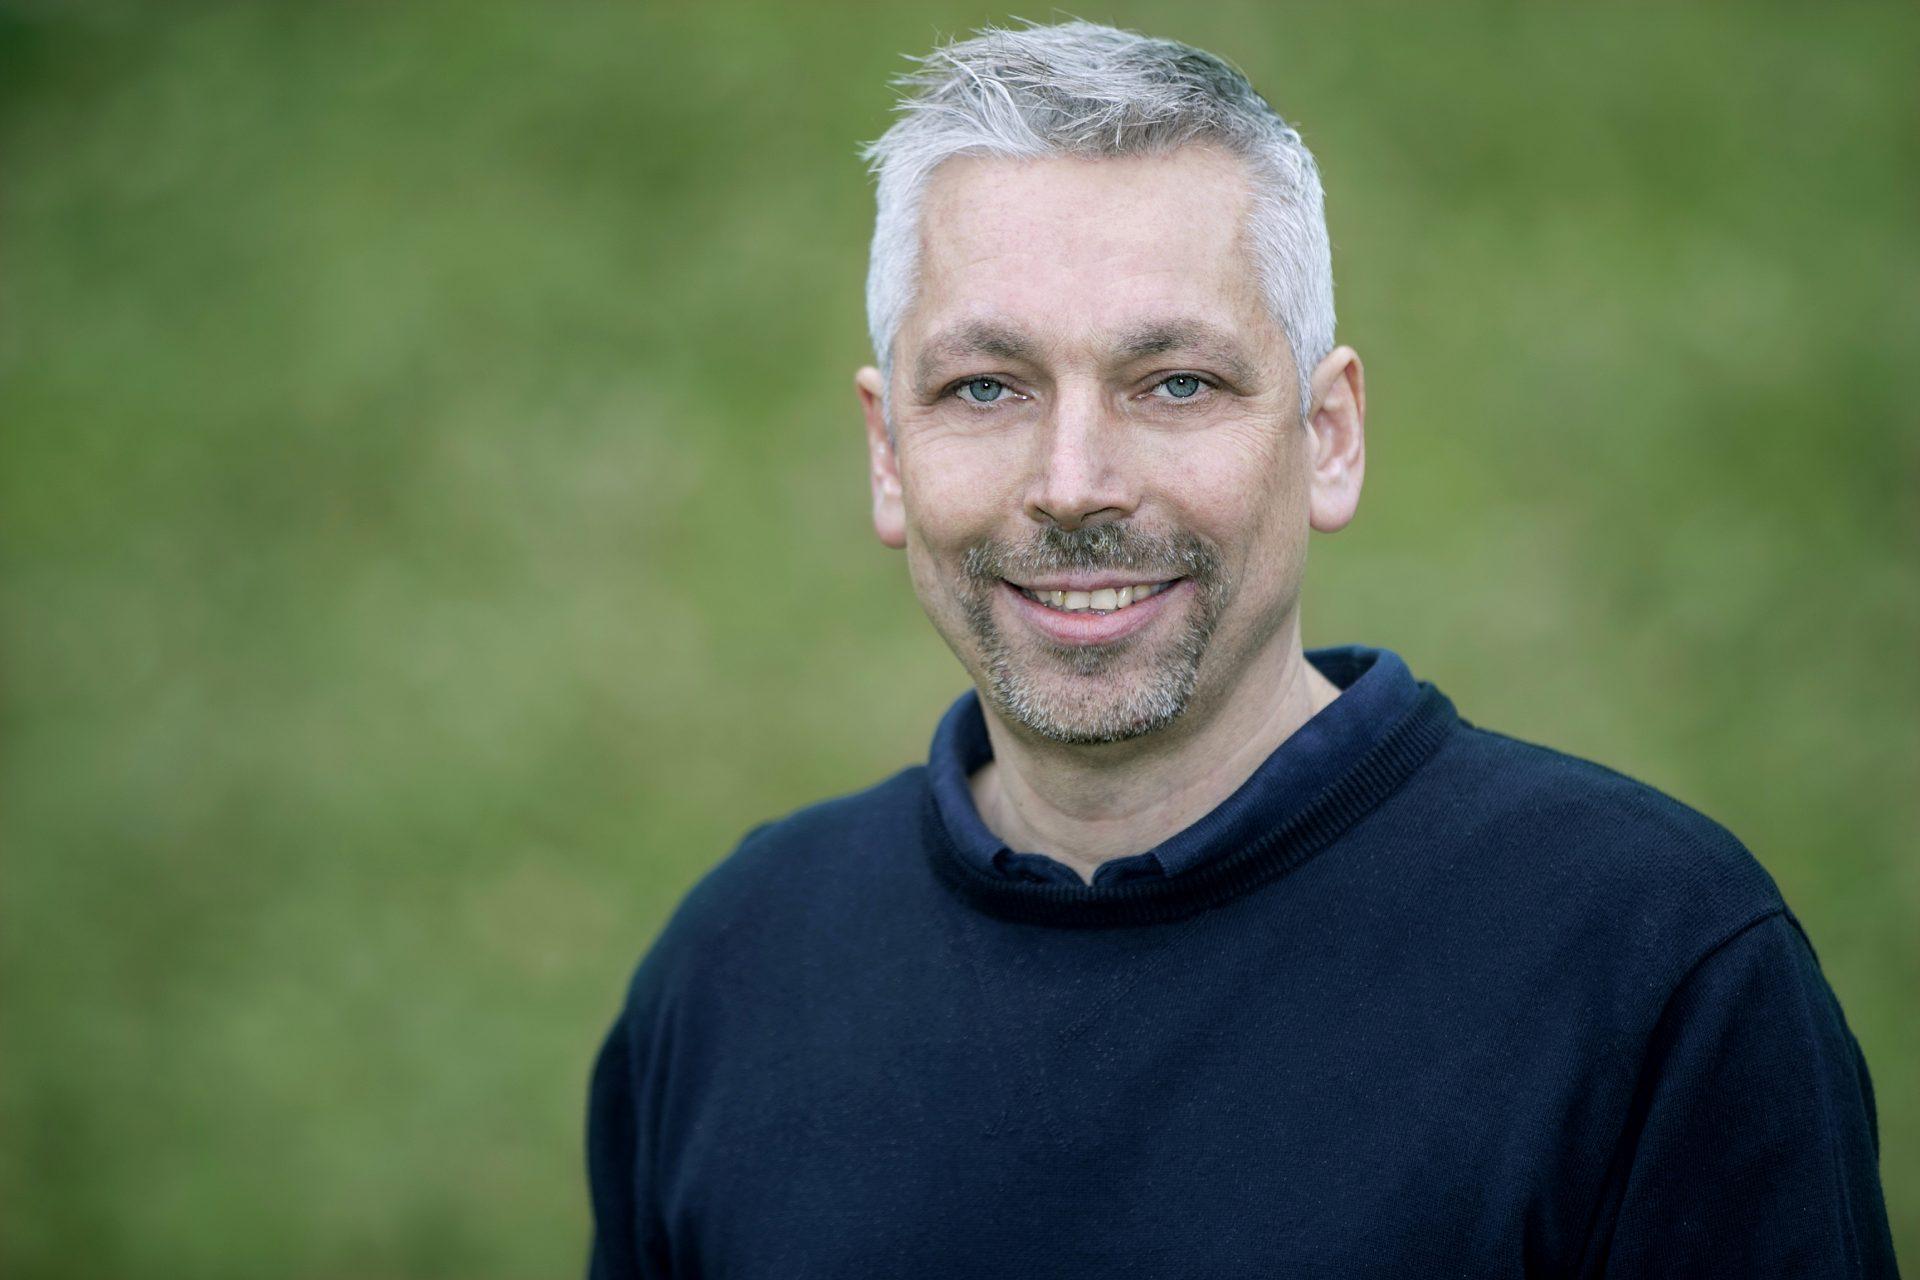 Venstre Horsens Peder Storgaard